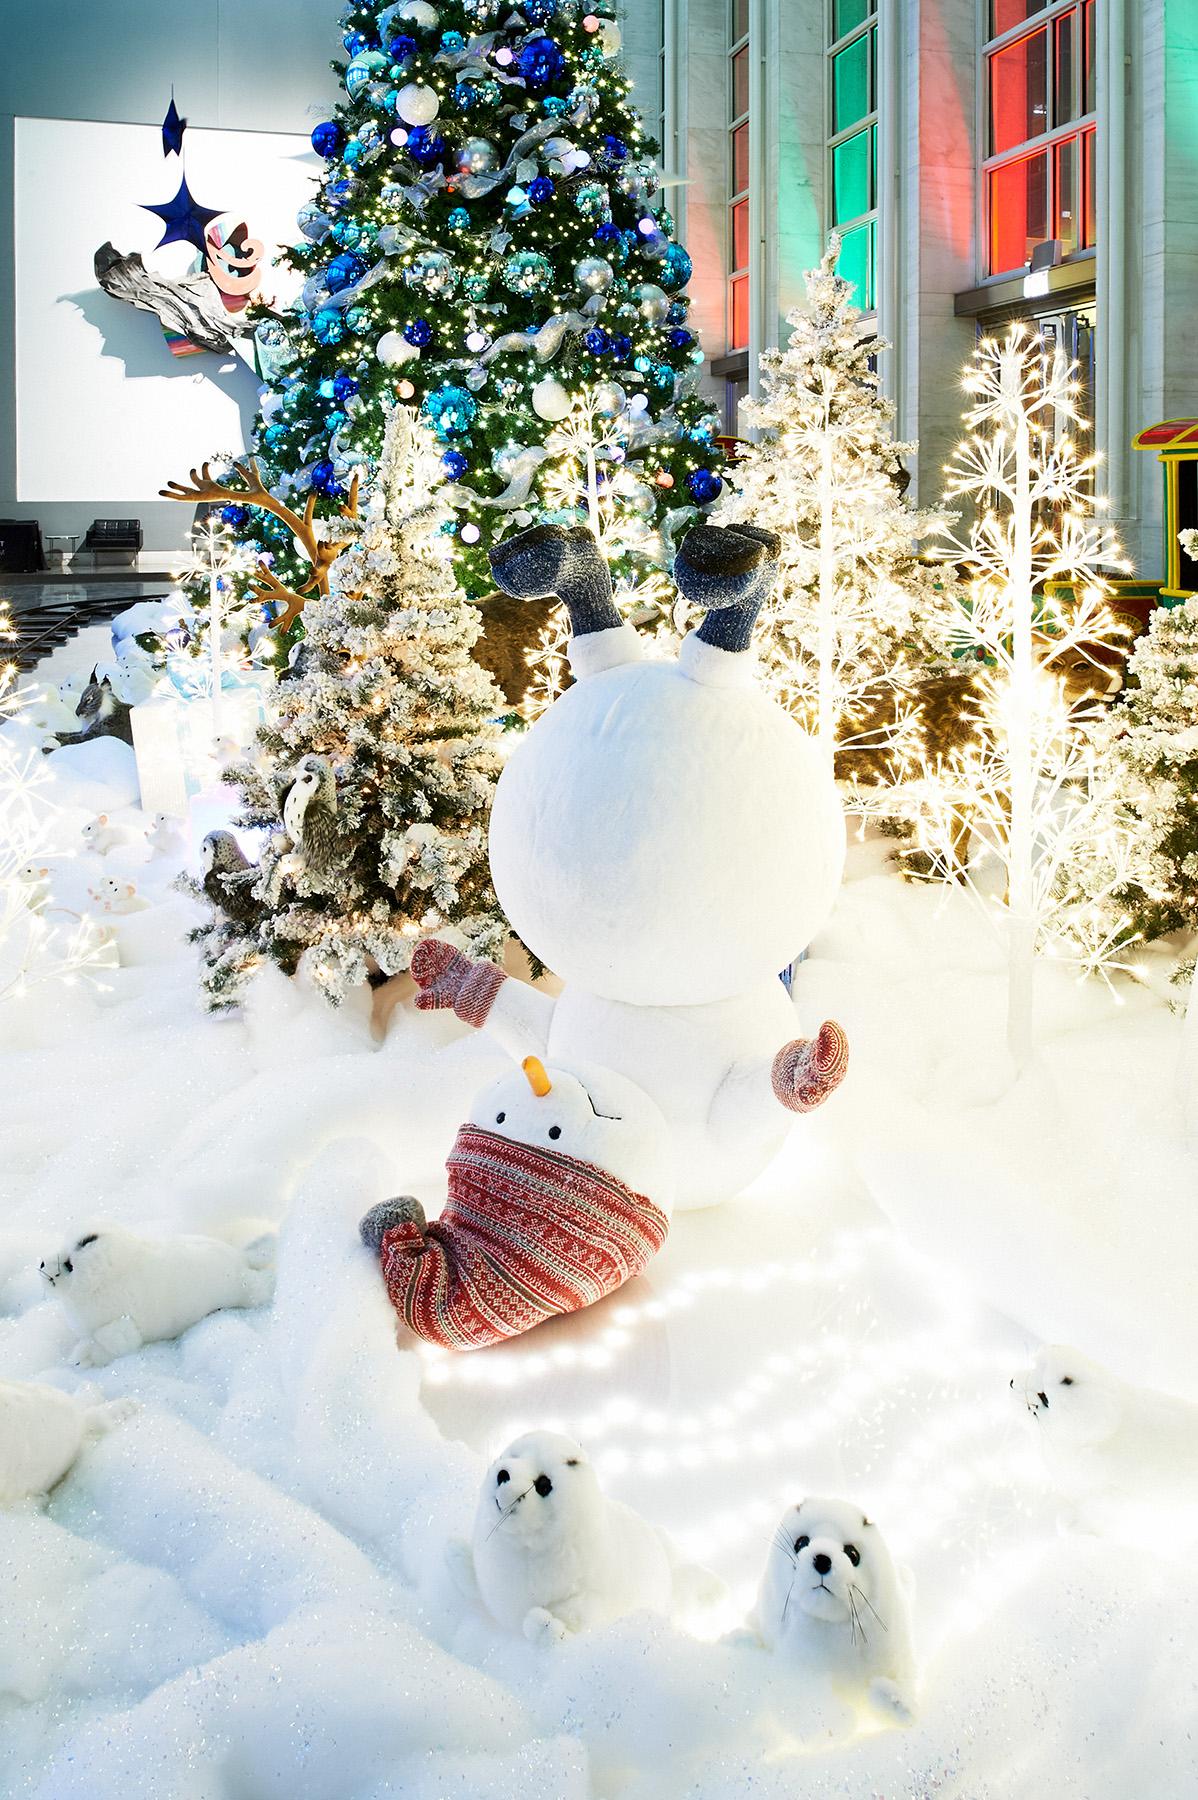 Topsy turvy snowman: Hyatt Regency Chicago